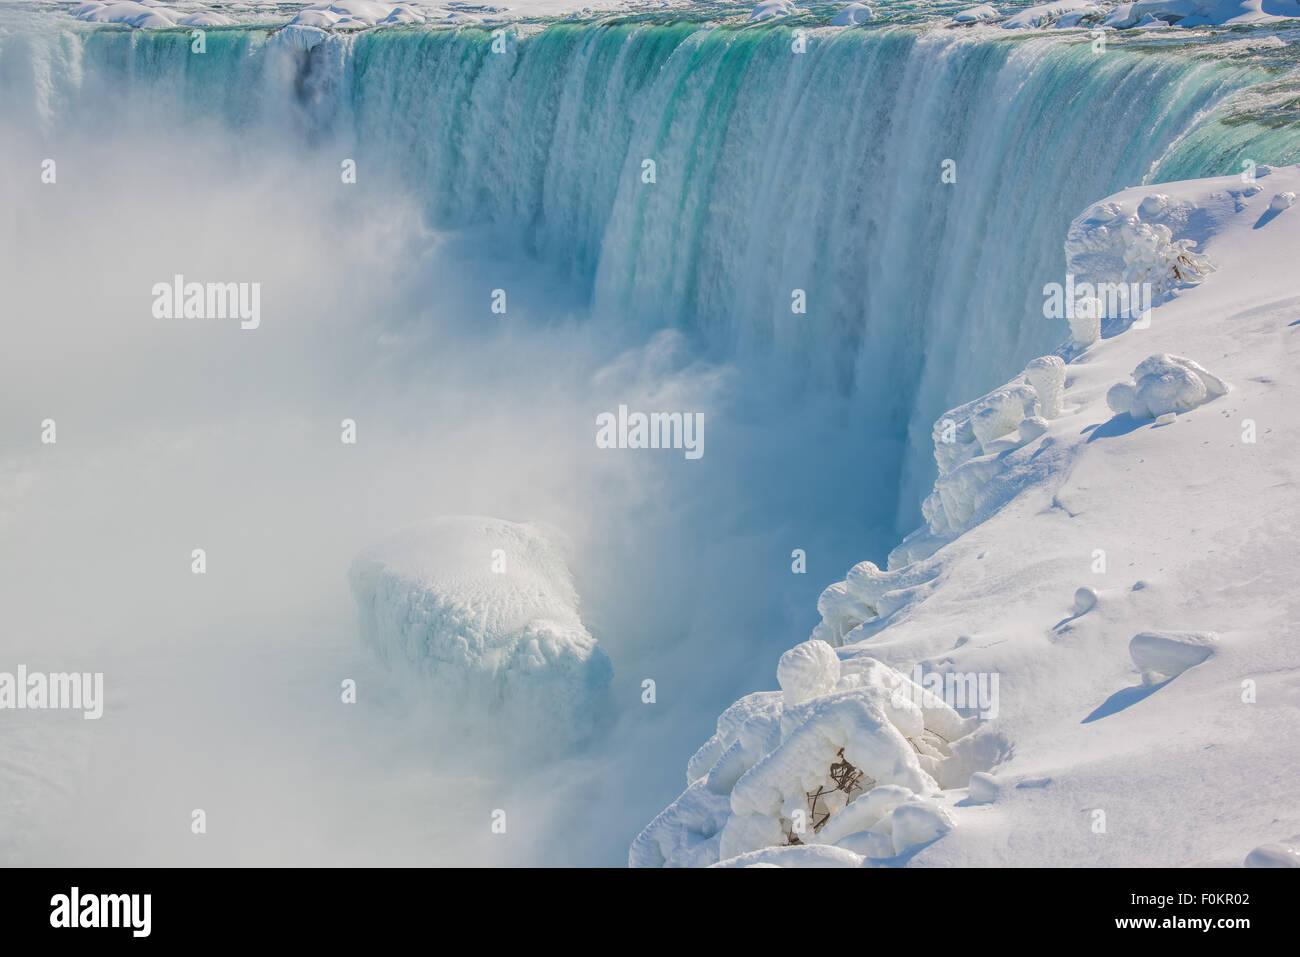 A partially frozen Horseshoe Falls deposits 600,000 gallons a second into the Niagara River in Niagara Falls, Canada. - Stock Image